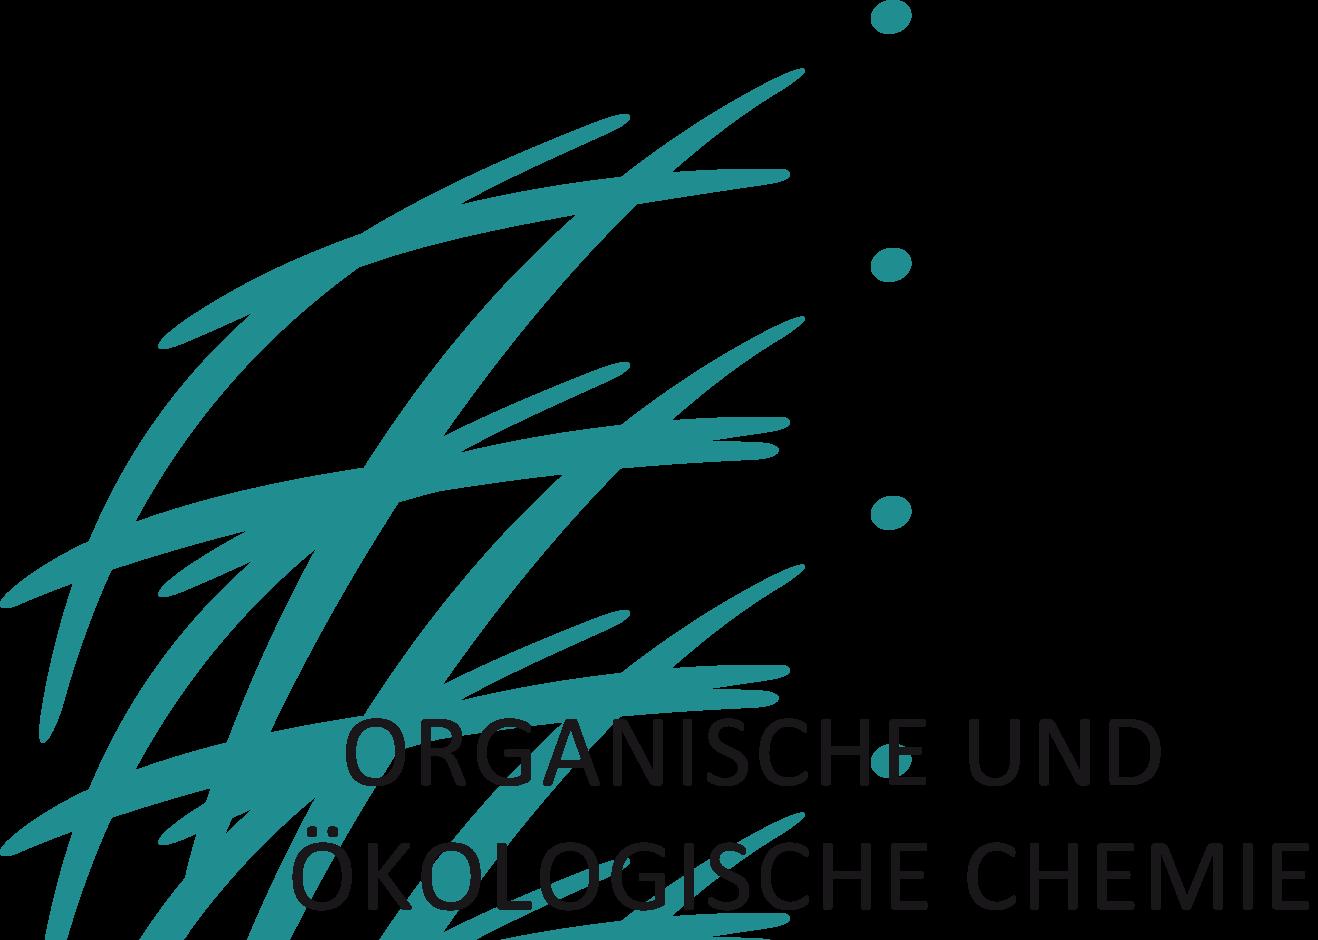 Organische & Ökologische Chemie